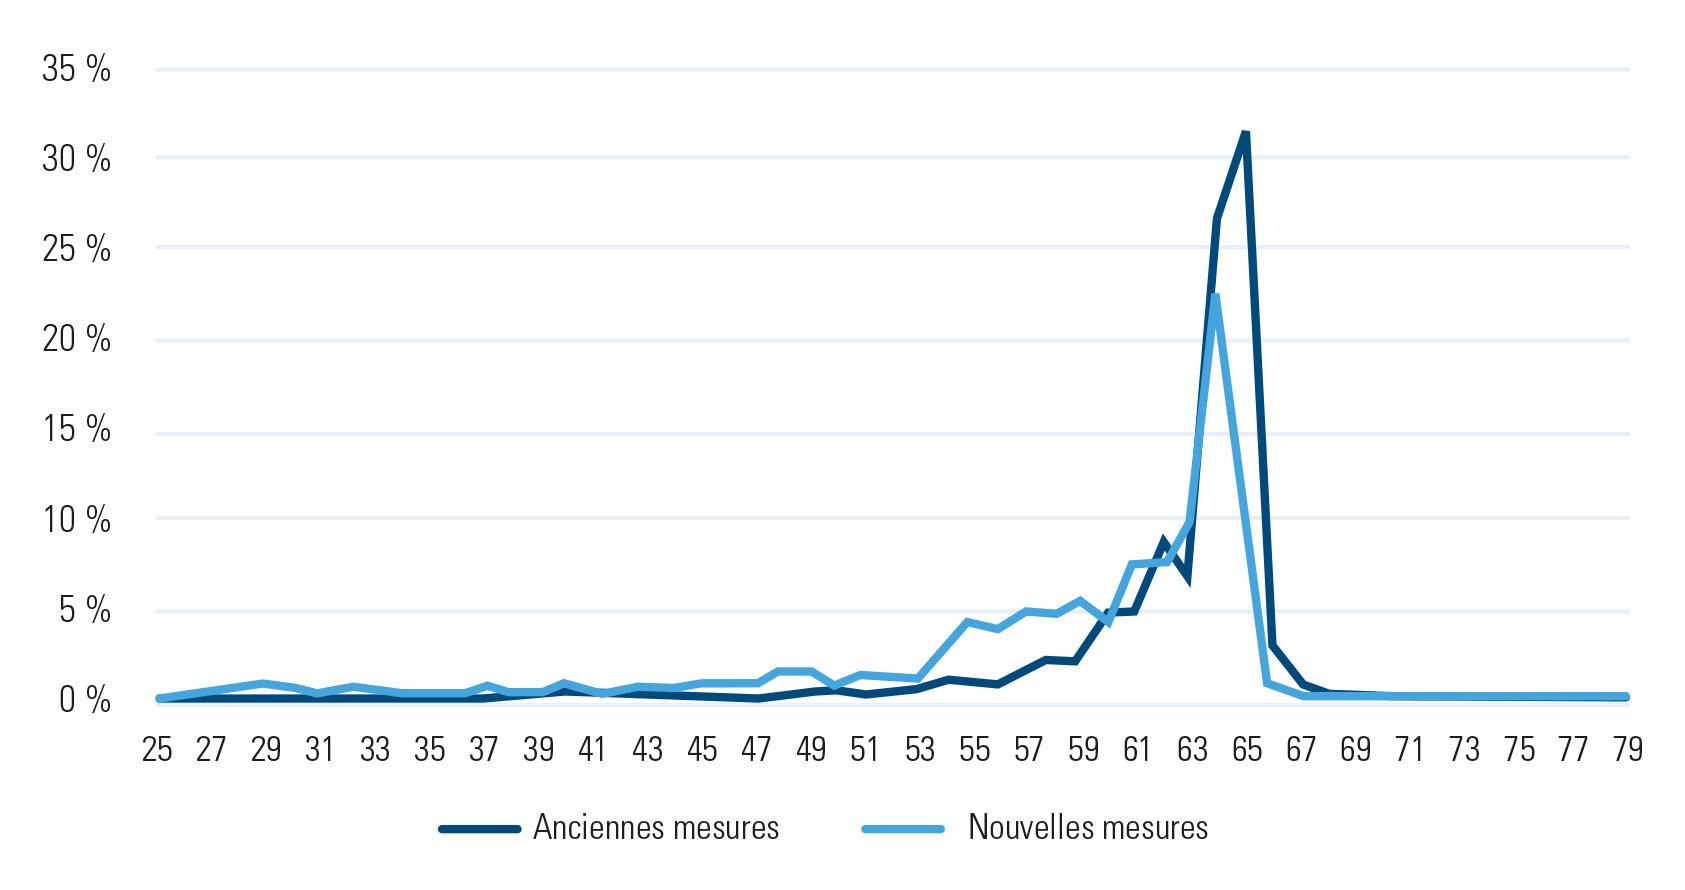 Régularisation des années d'études, âge au moment de l'introduction du dossier – chiffres d'Acerta Caisse d'Assurances Sociales